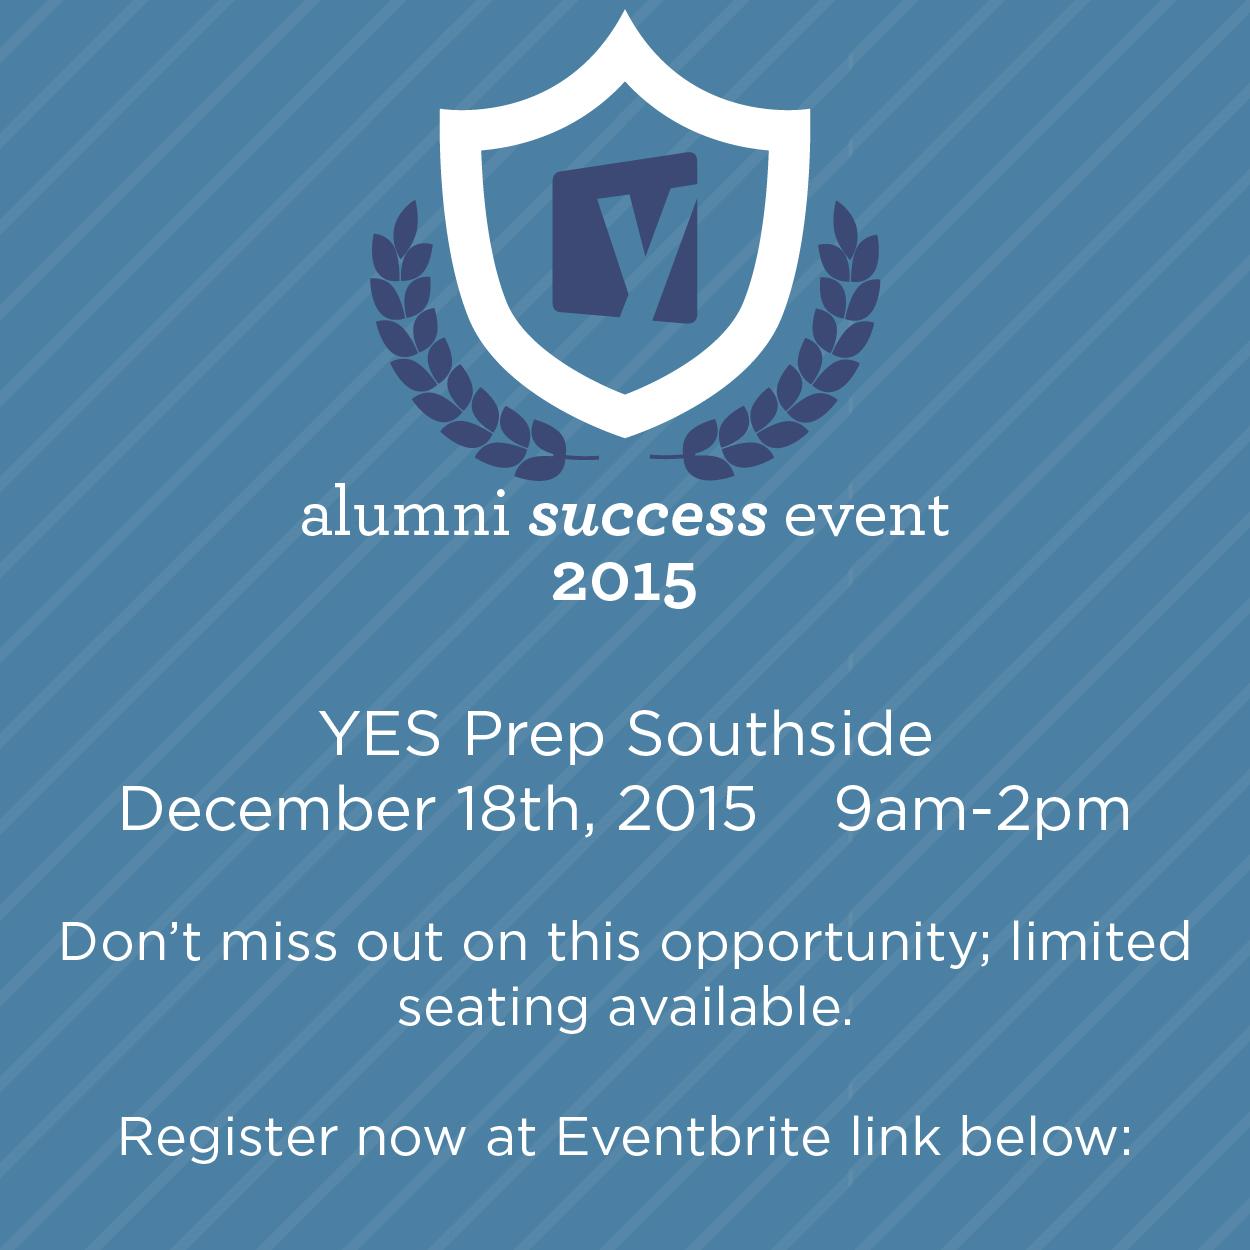 alumni success event-01.jpg